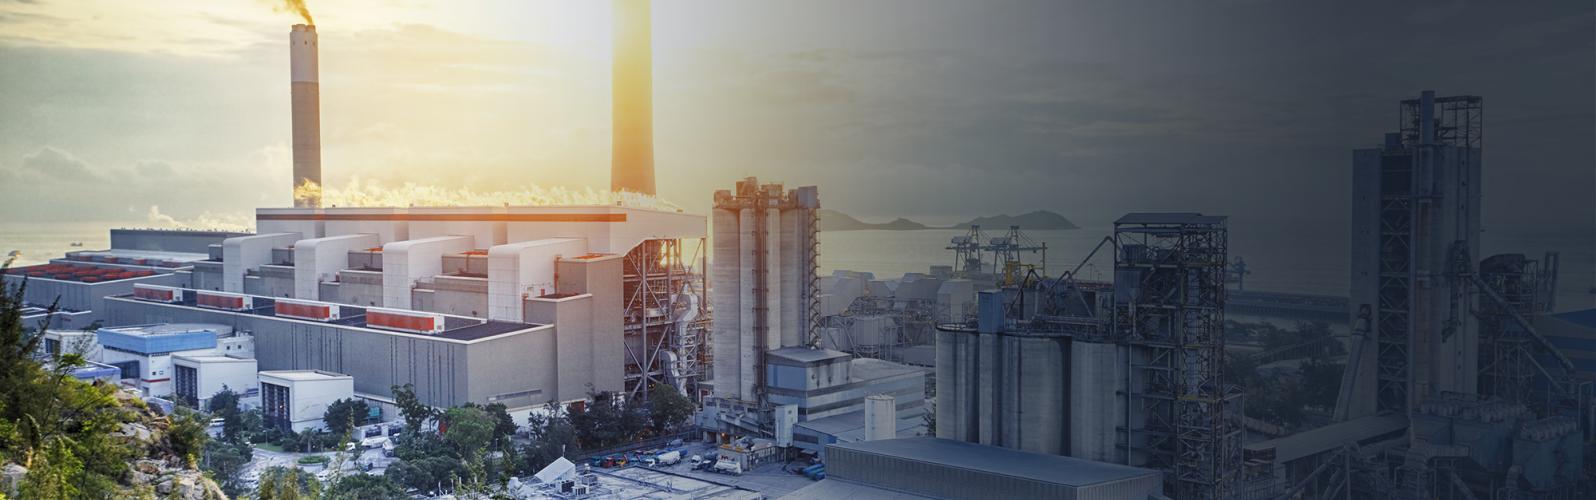 Spécialiste des pompes volumétriques pour le pétrole, l'agroalimentaire et l'industrie.